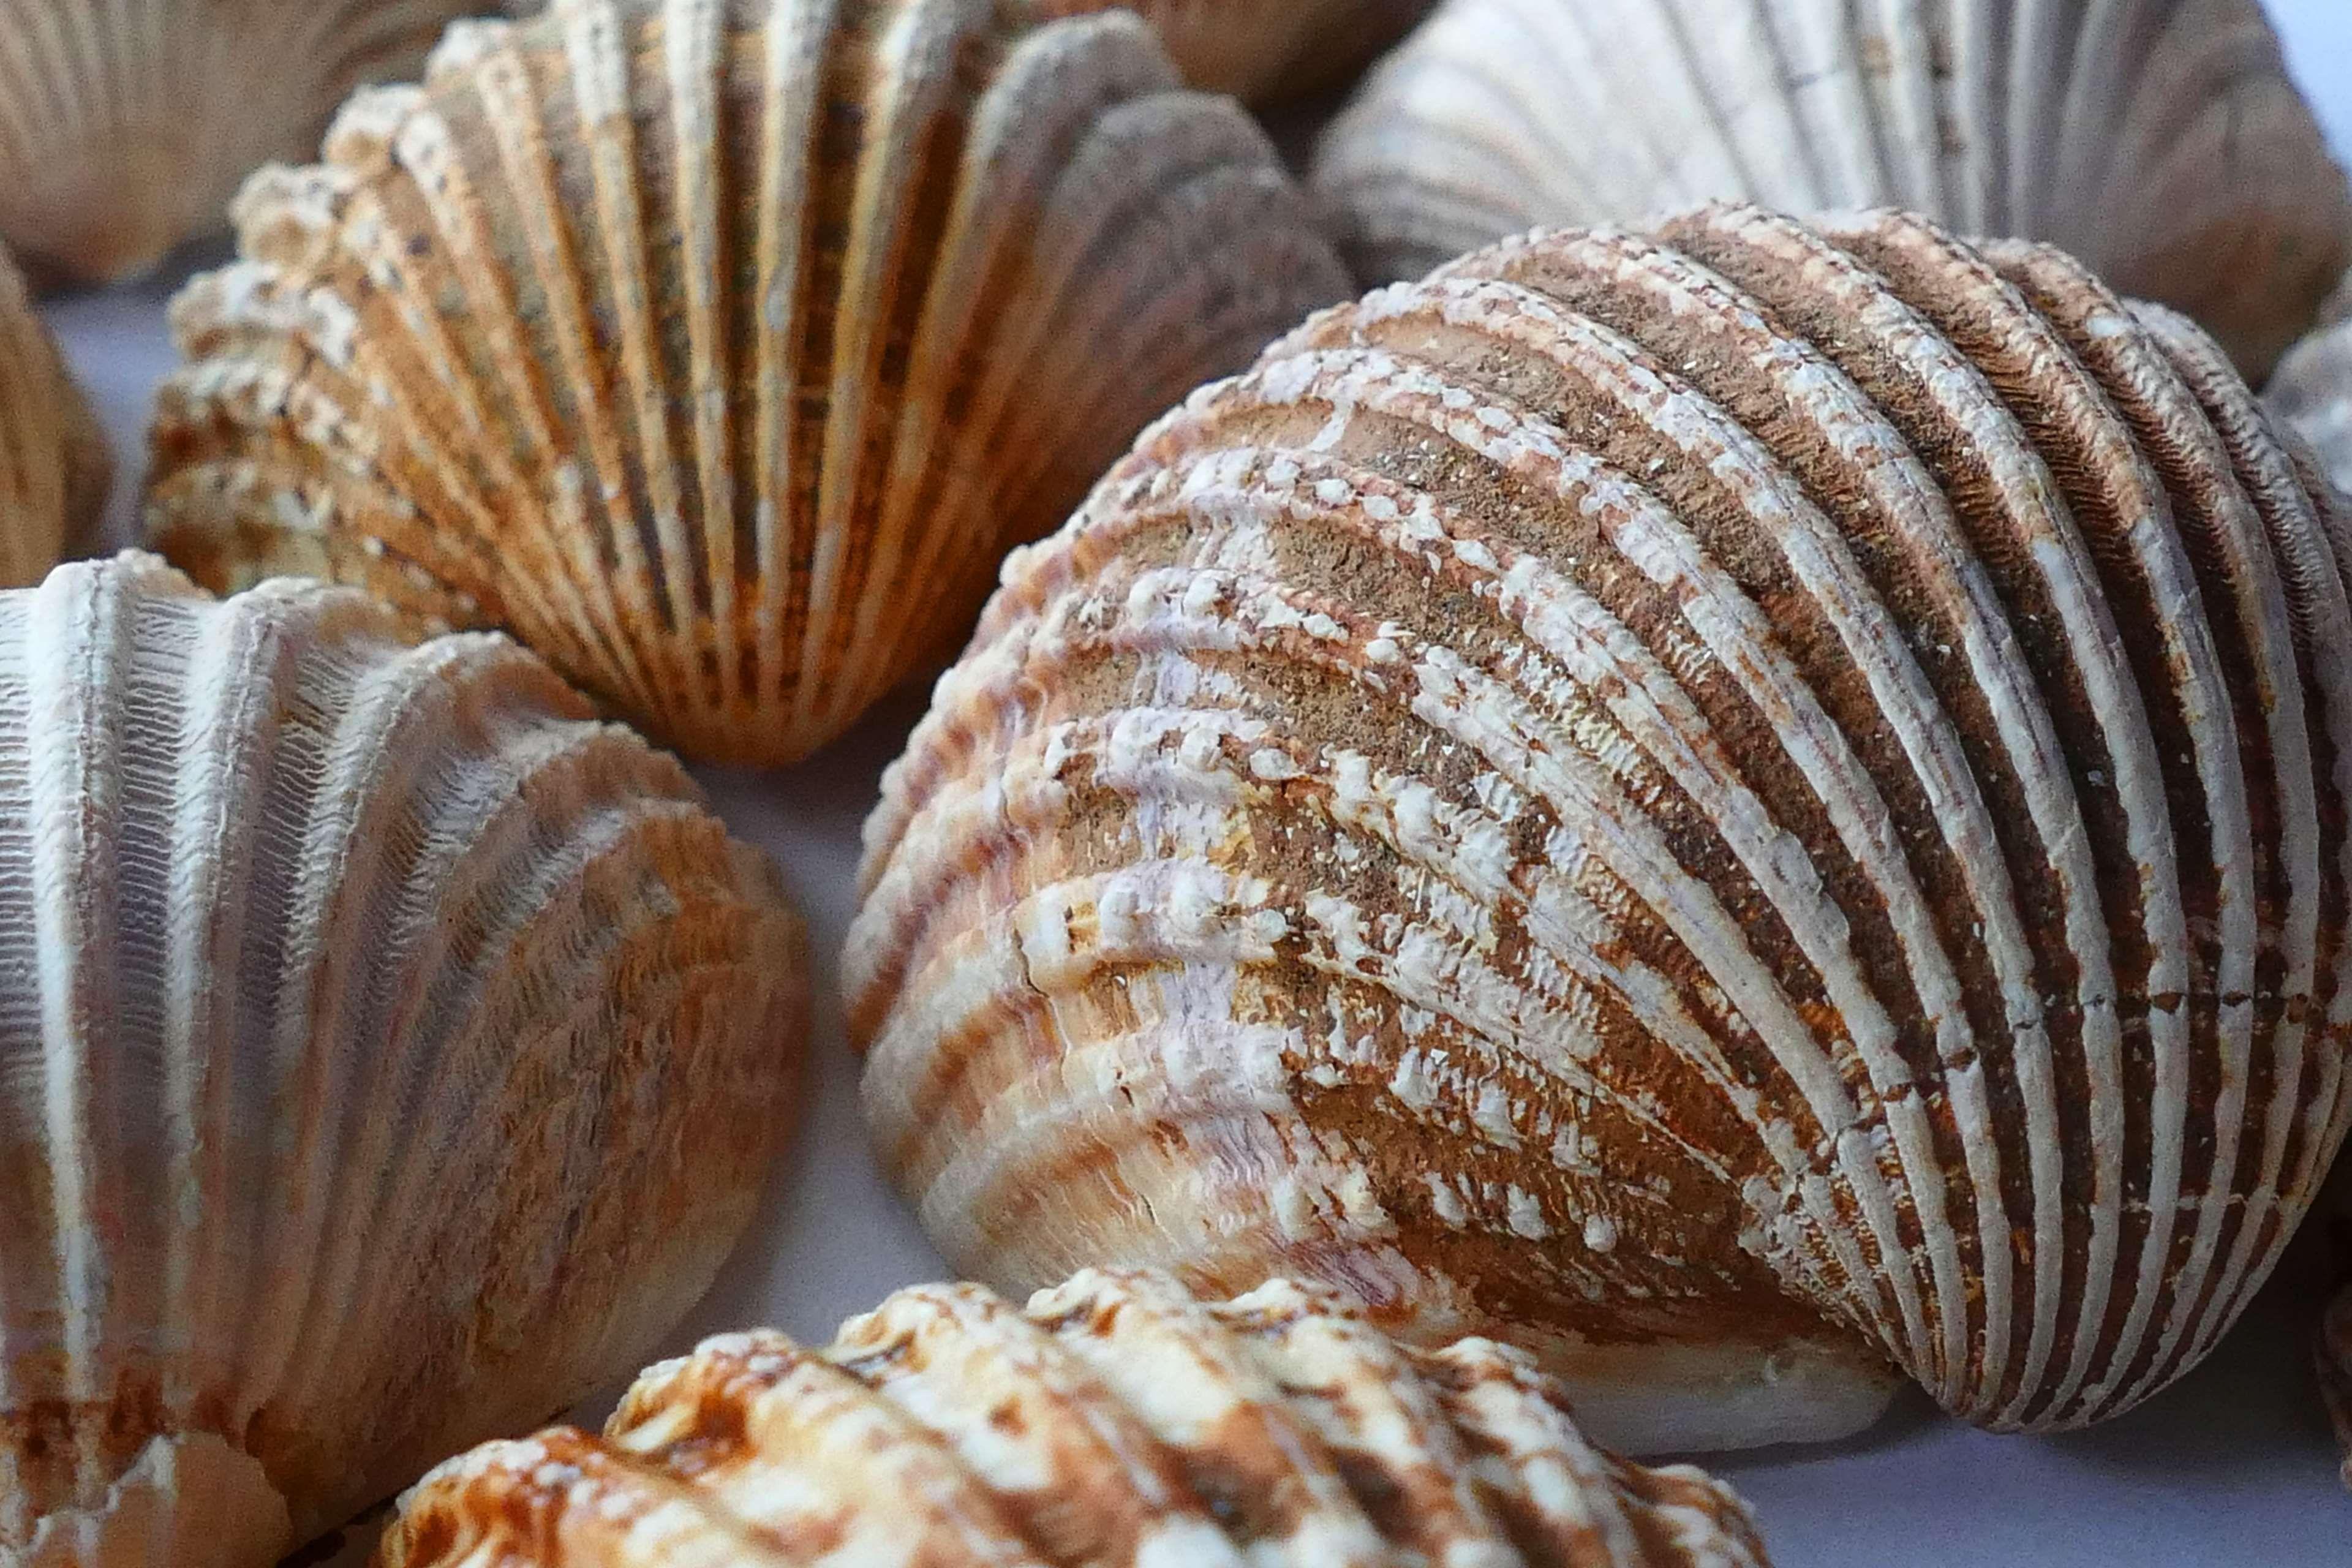 Blur Close Up Focus Nature Seashells Shells Clams Sea Shells Shells